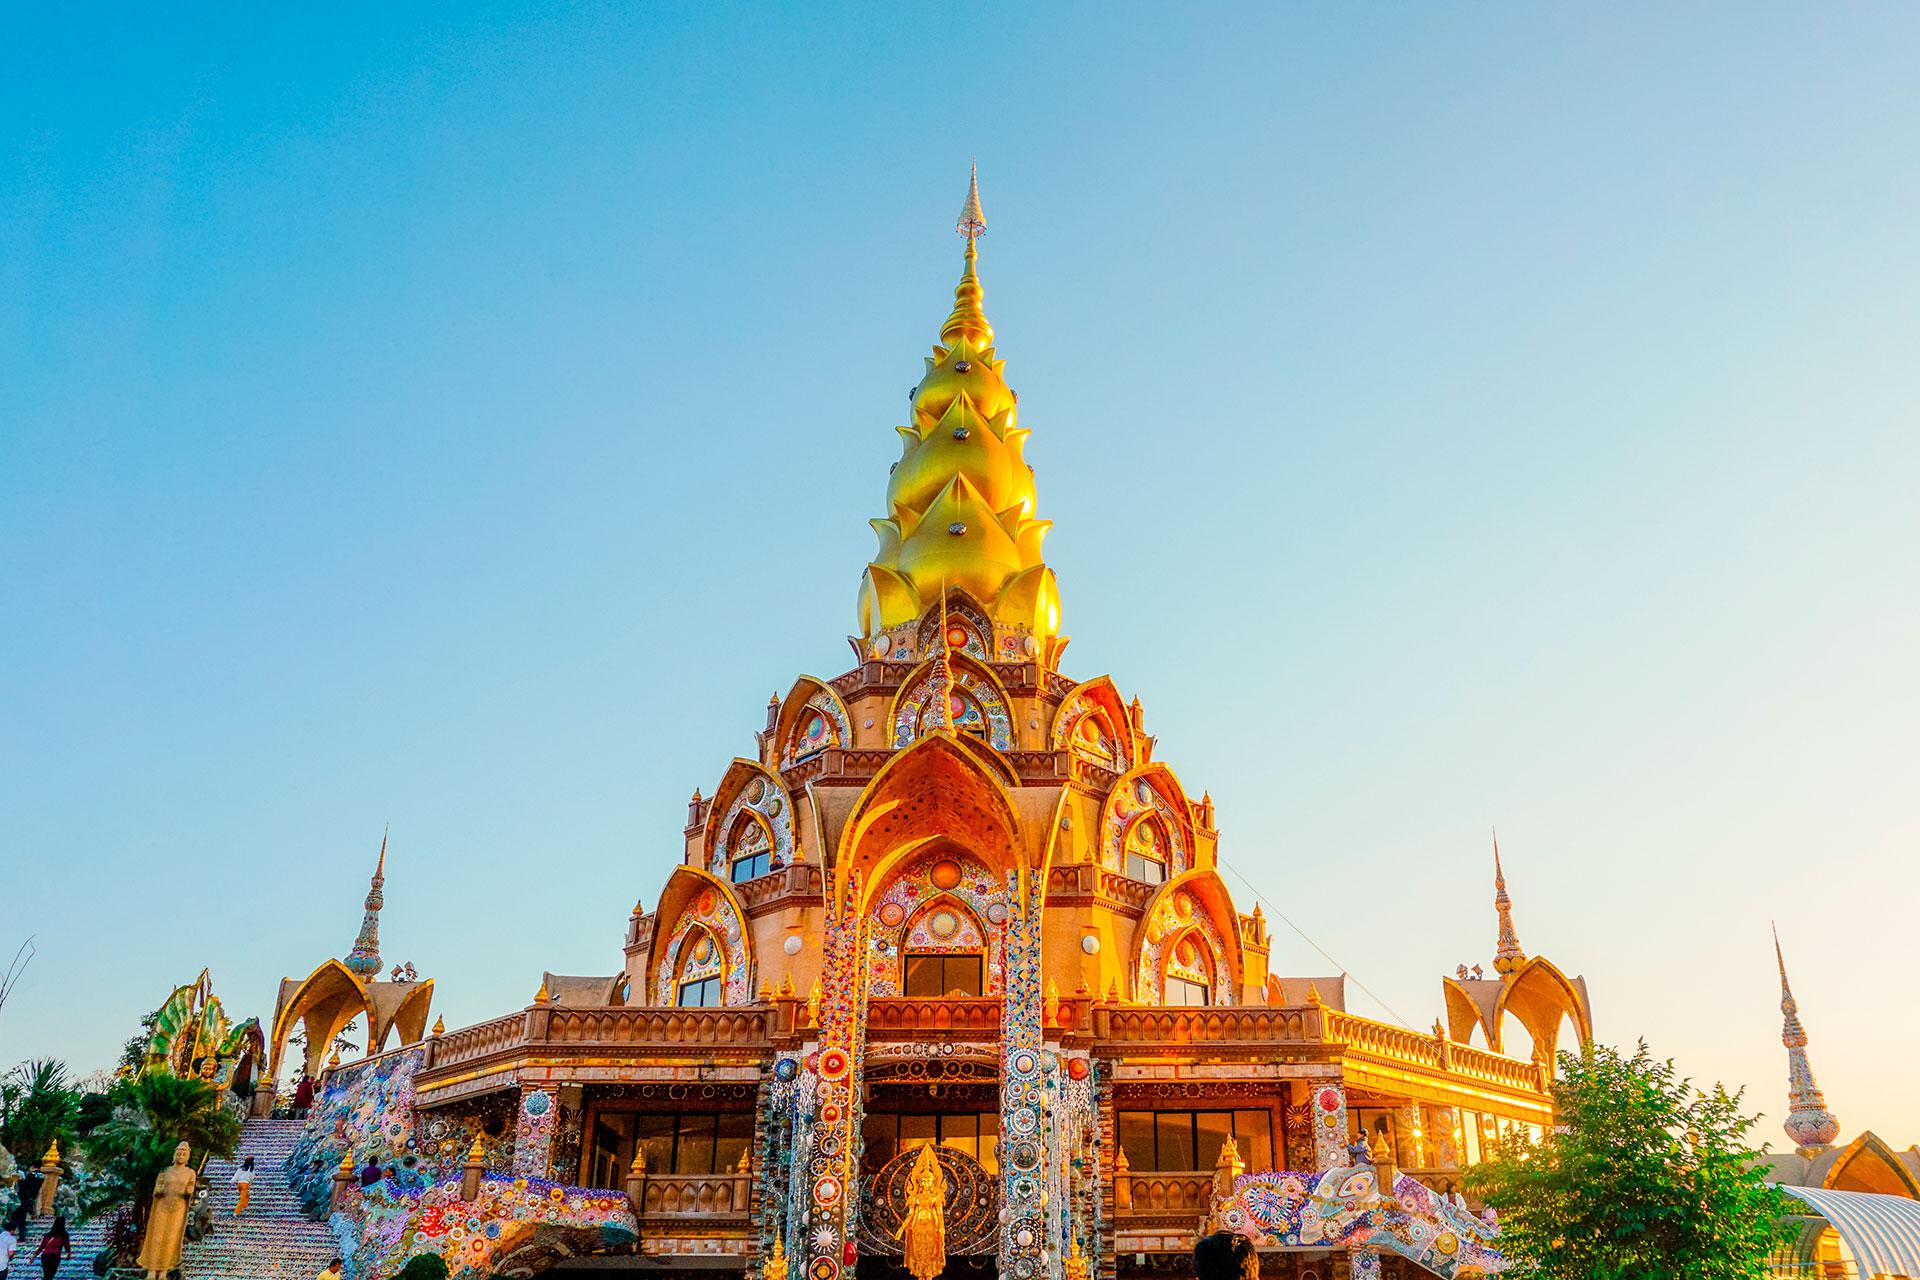 Tailandia, que obtiene el 9,82% de su PIB del turismo, registró más de 3.000 casos de coronavirus. Las fronteras están cerradas hasta al menos el 30 de junio. Planea una reapertura gradual para los turistas, lo que podría significar que los visitantes solo pueden ir a ciertas partes del país. También podría involucrar